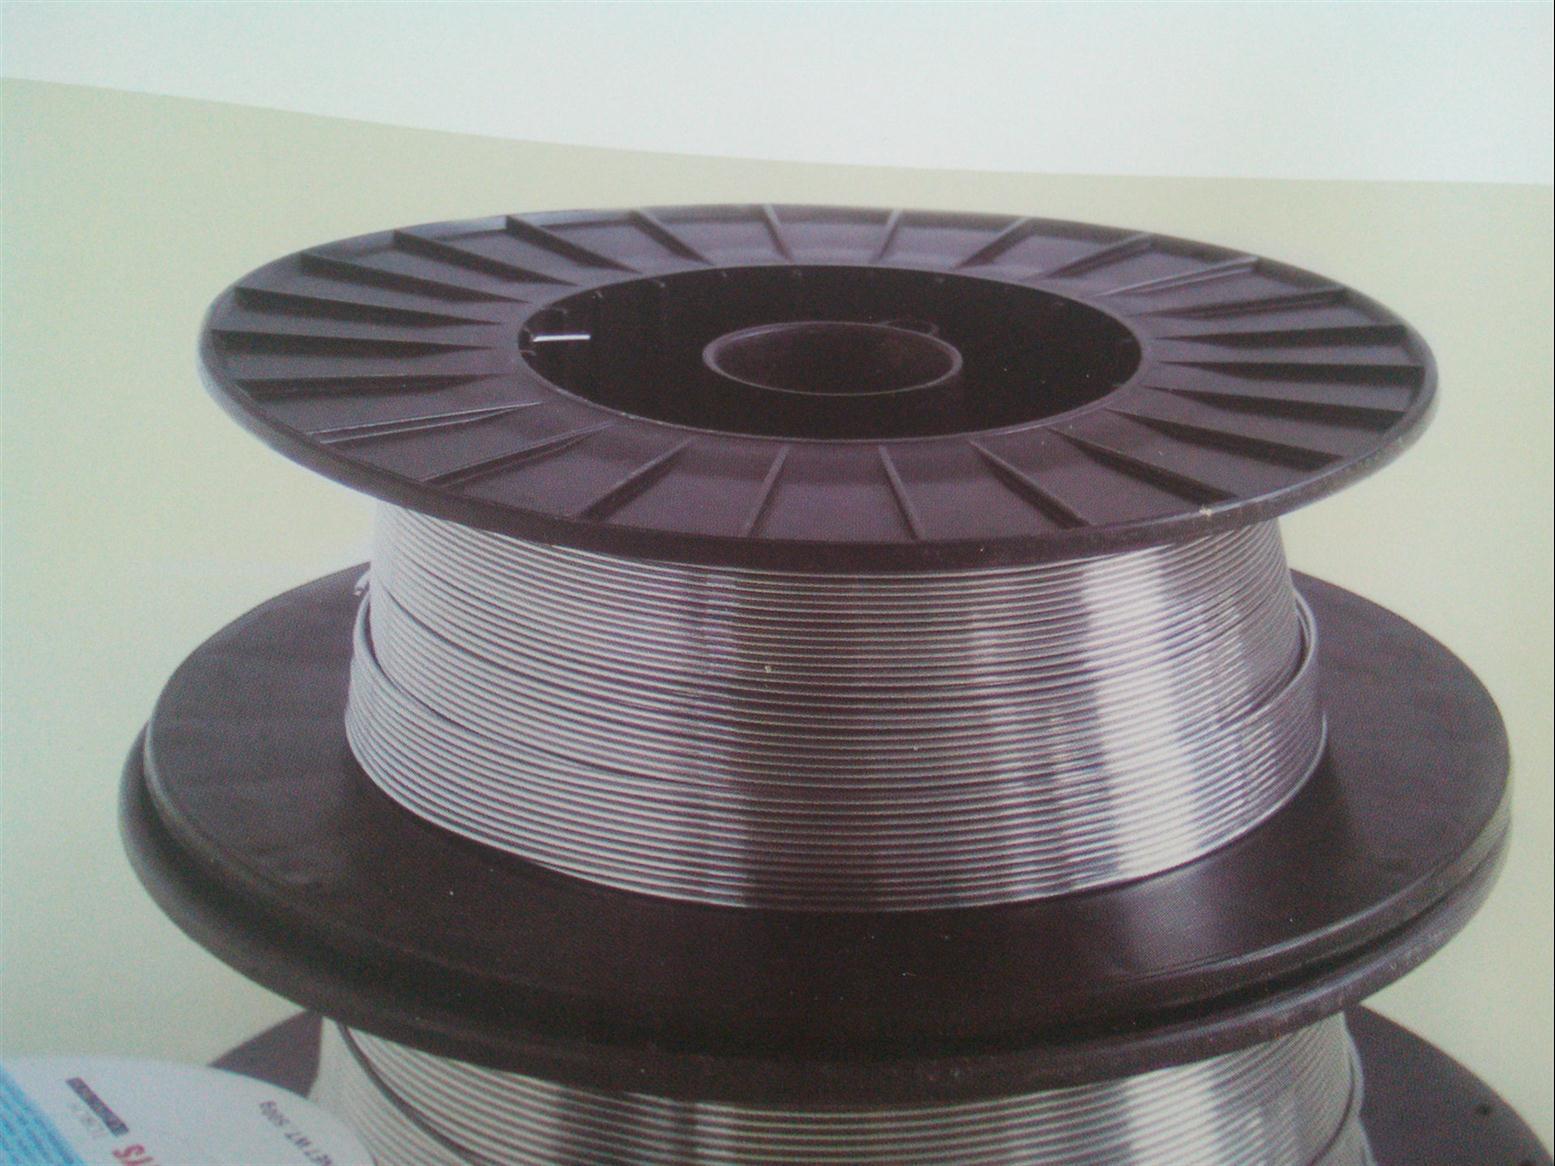 錫林郭勒盟鋁焊條焊絲 具有極好的抗腐蝕性能